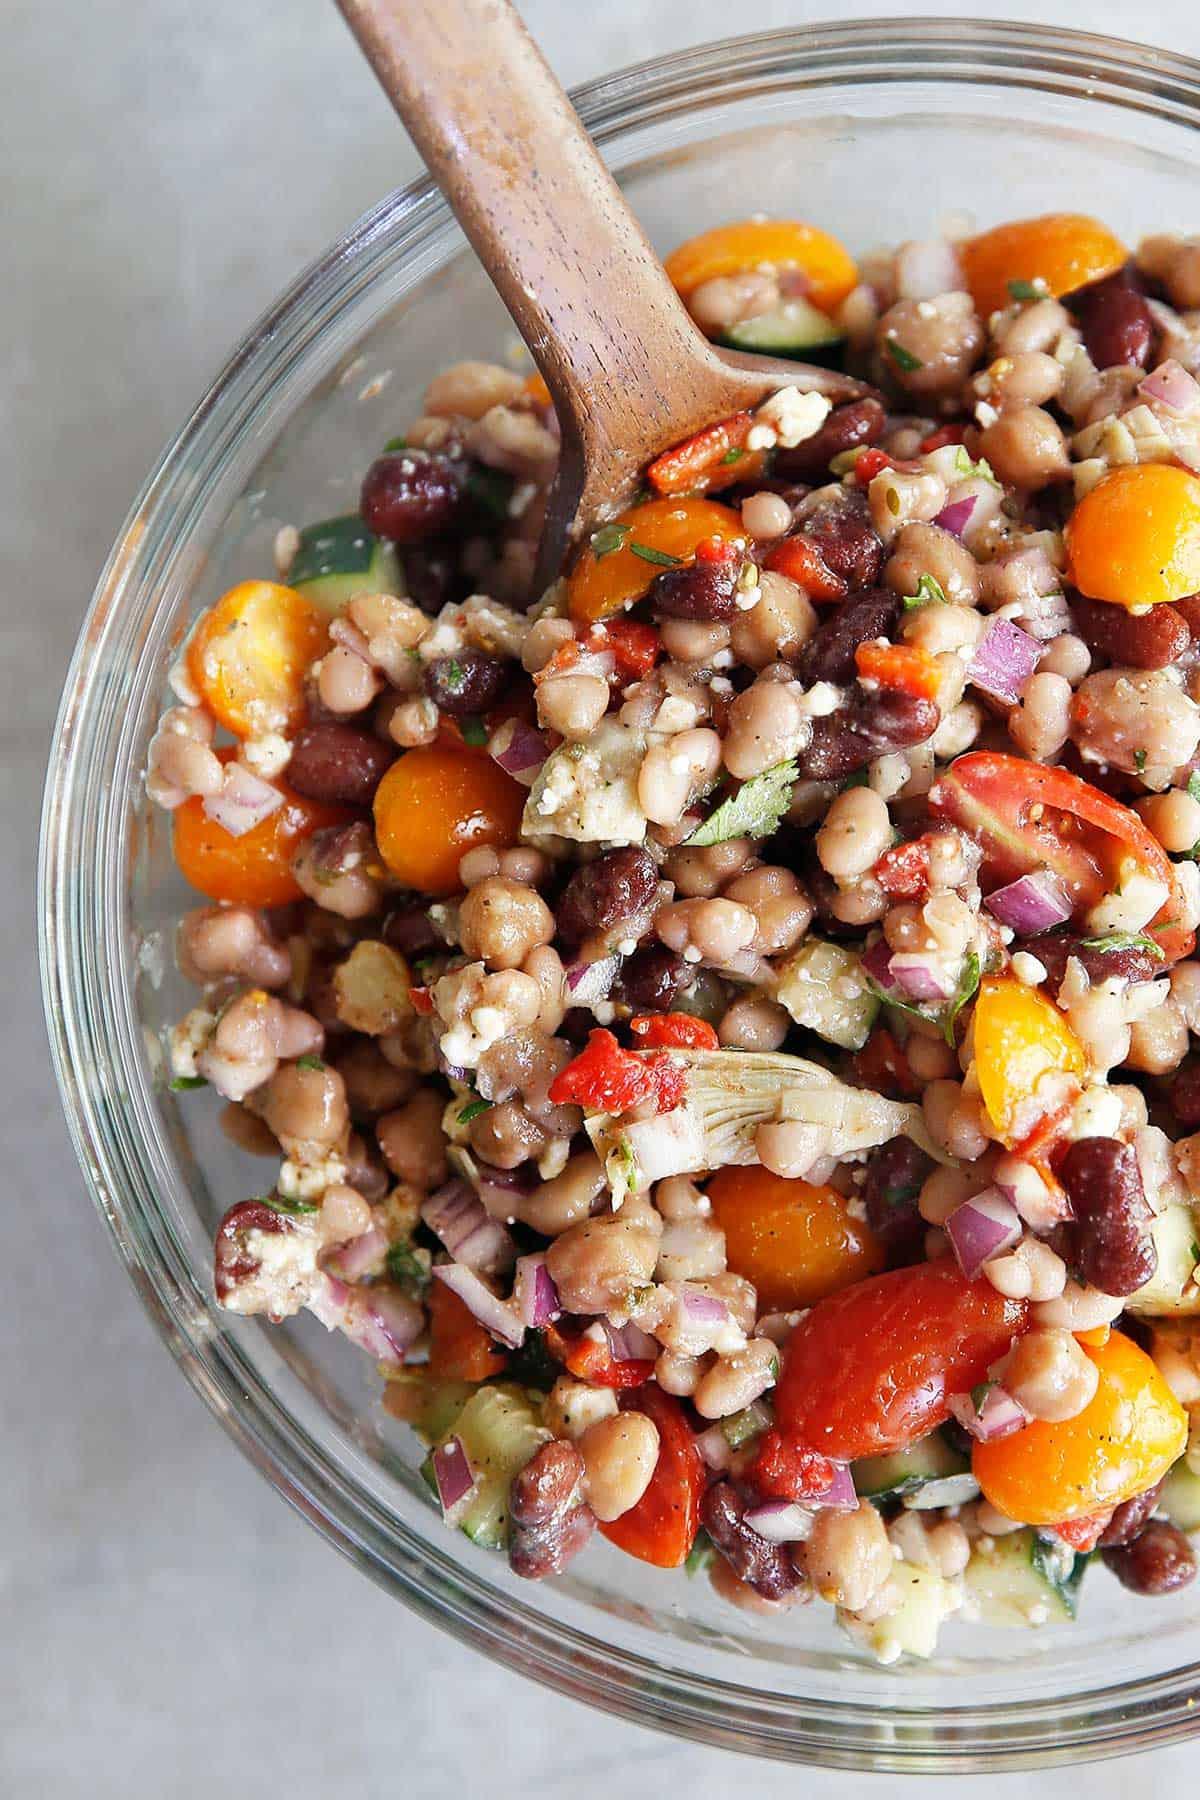 Bean salad in a bowl.